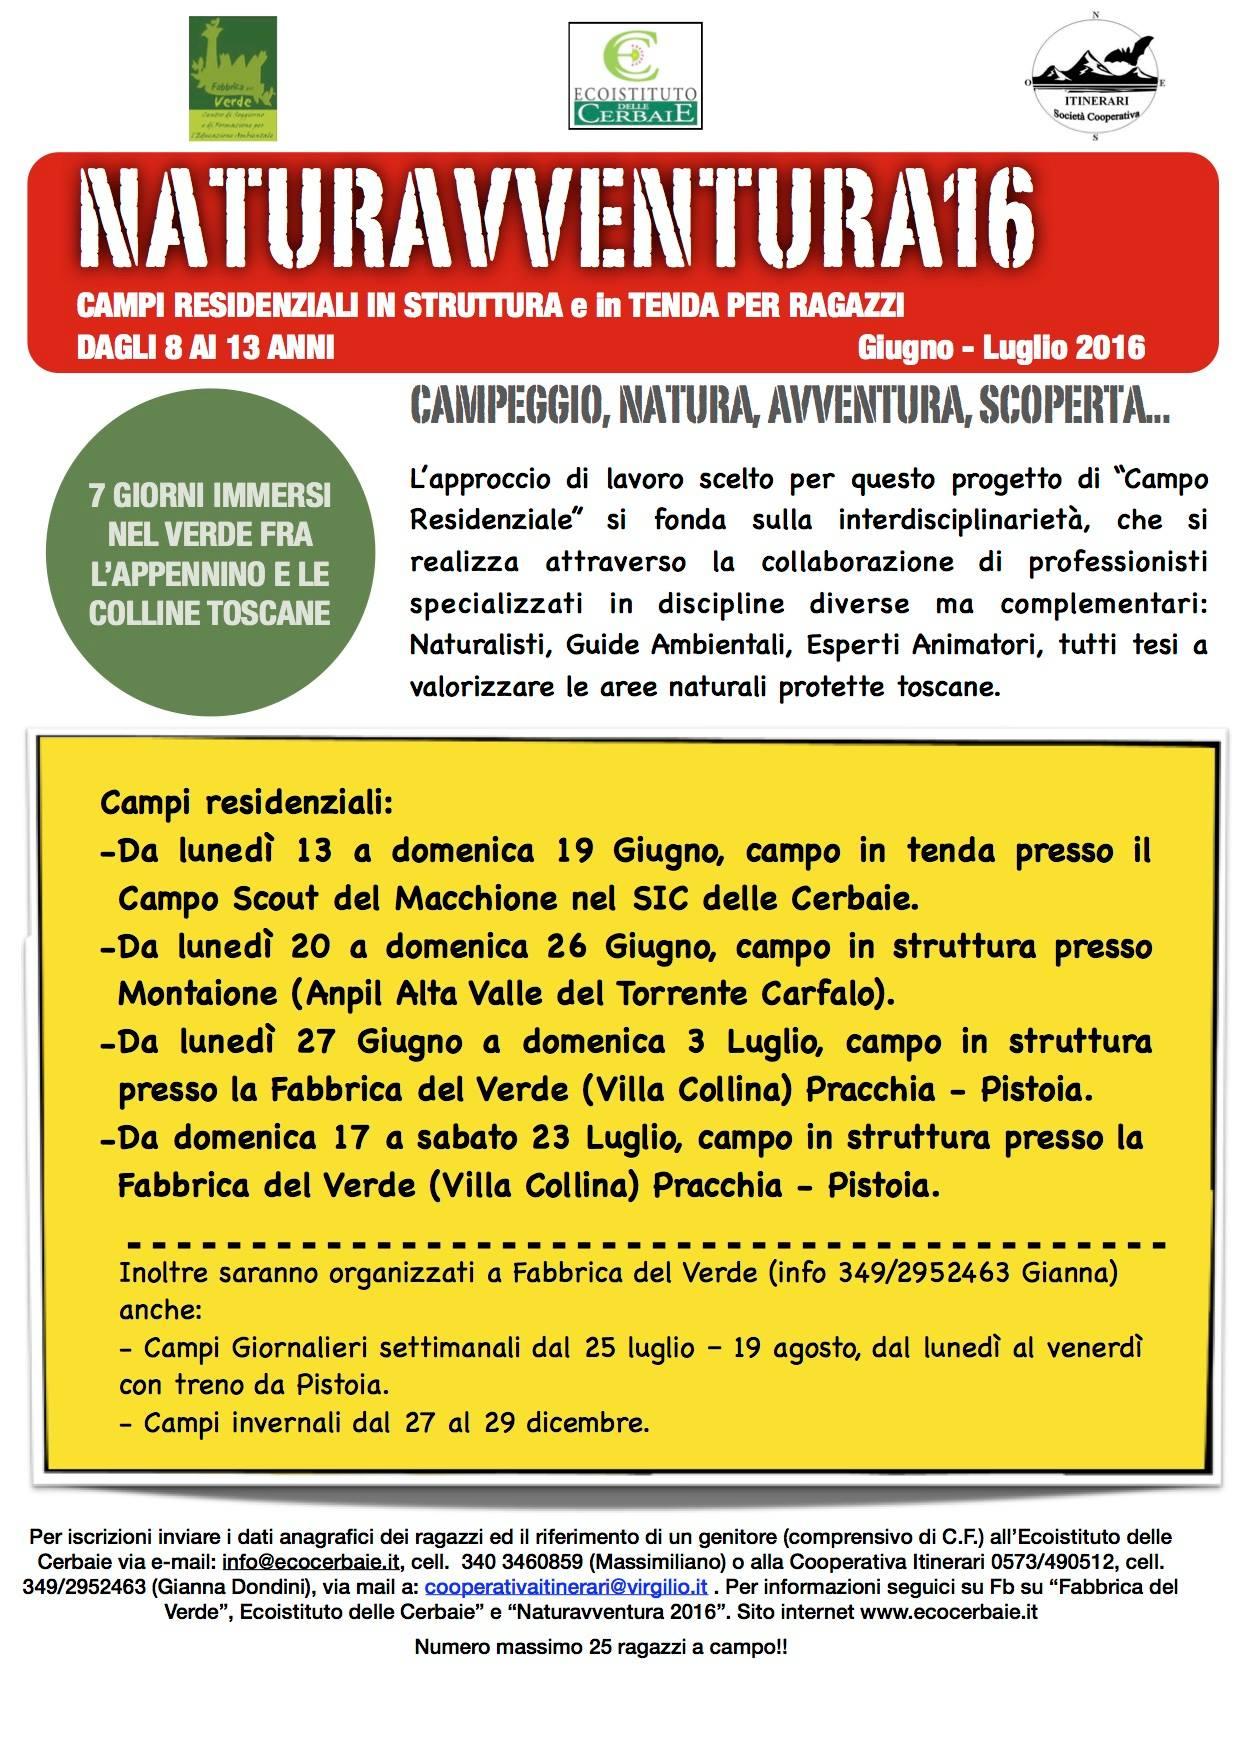 Locandina Naturavventura16 (1)